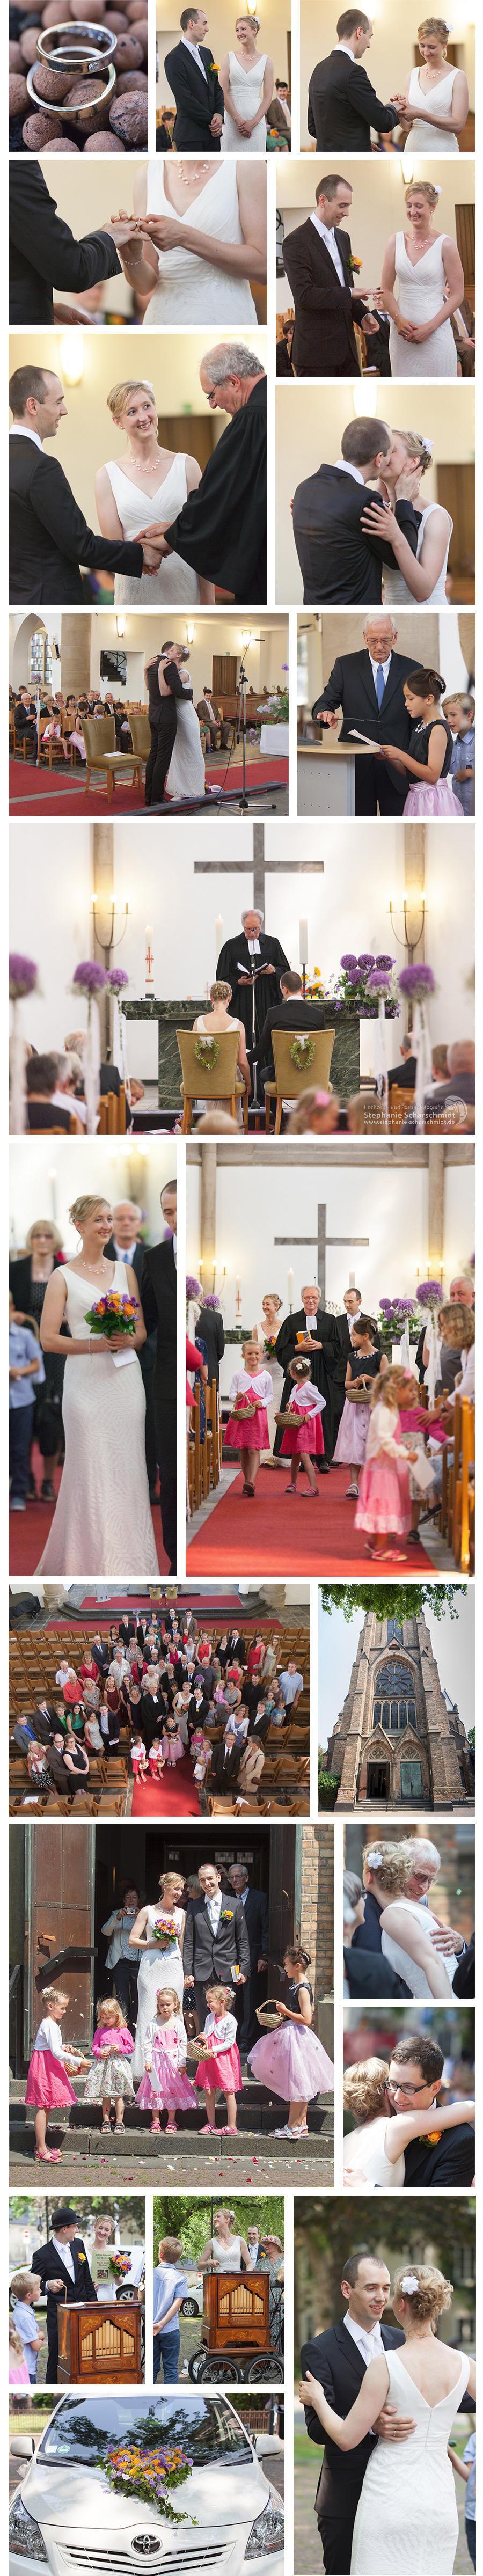 4 Heiraten in Krefeld – Hochzeitsfotograf in Krefeld –Traumhochzeit in Krefeld – Trauung Krefeld Friedenskirche – Hochzeitsfotografin Stephanie Scharschmidt